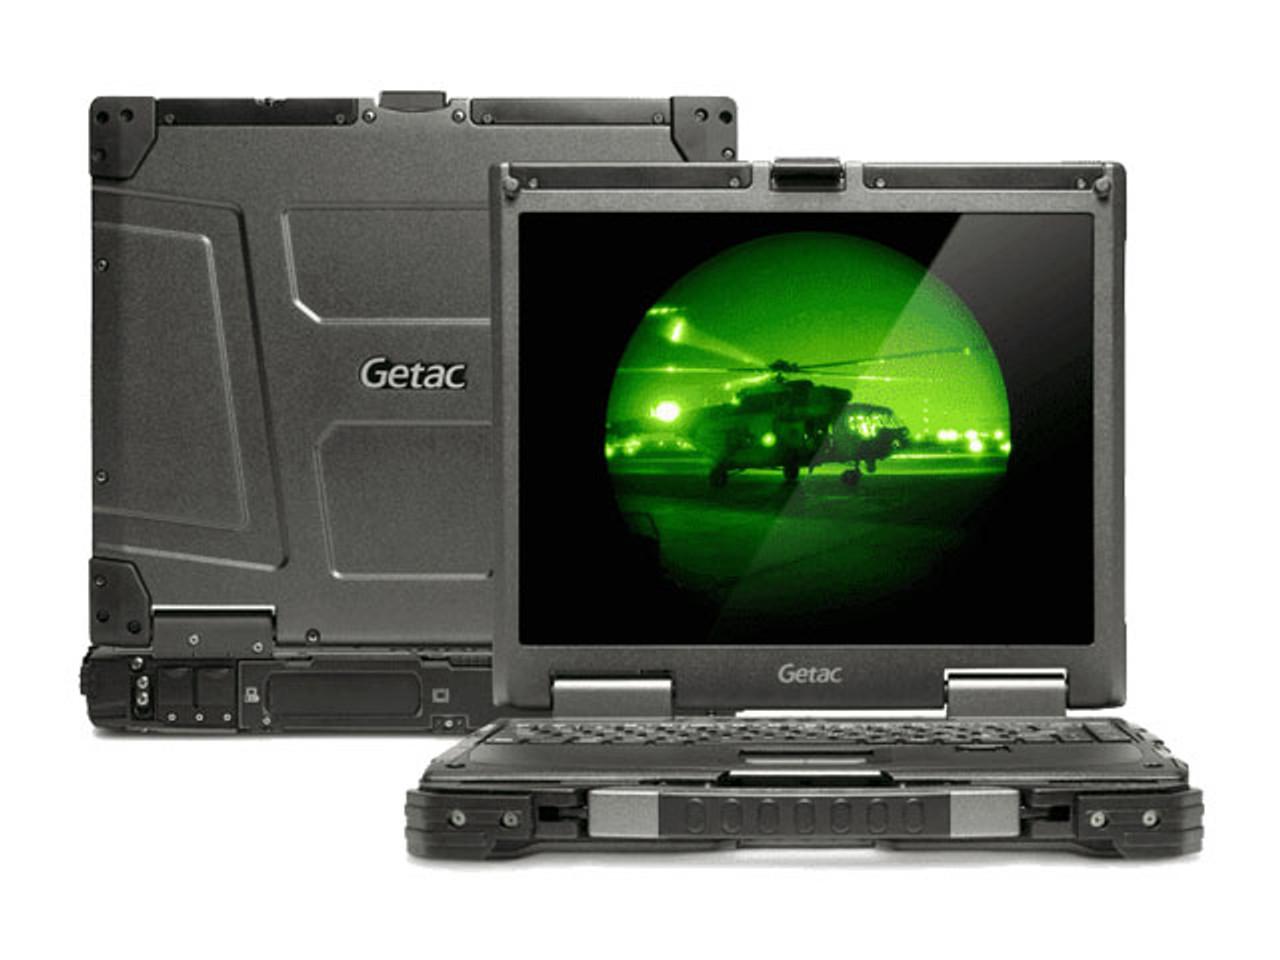 Getac B300 G4